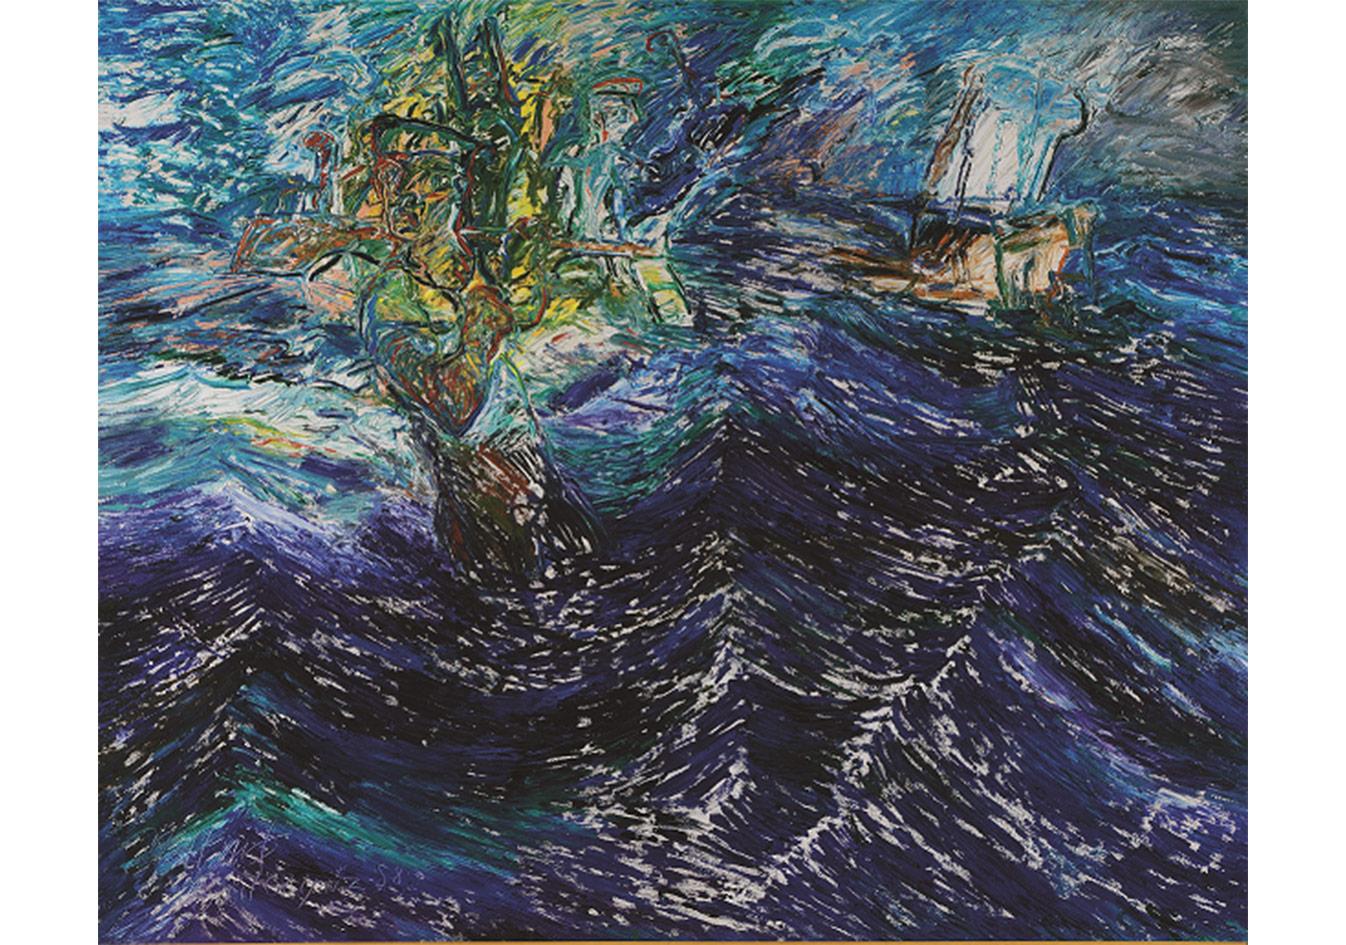 Denizci,Tuval üzerine yağlıboya,130 x 162 cm,Dr. Nejat Eczabaşı Vakfı Koleksiyonu